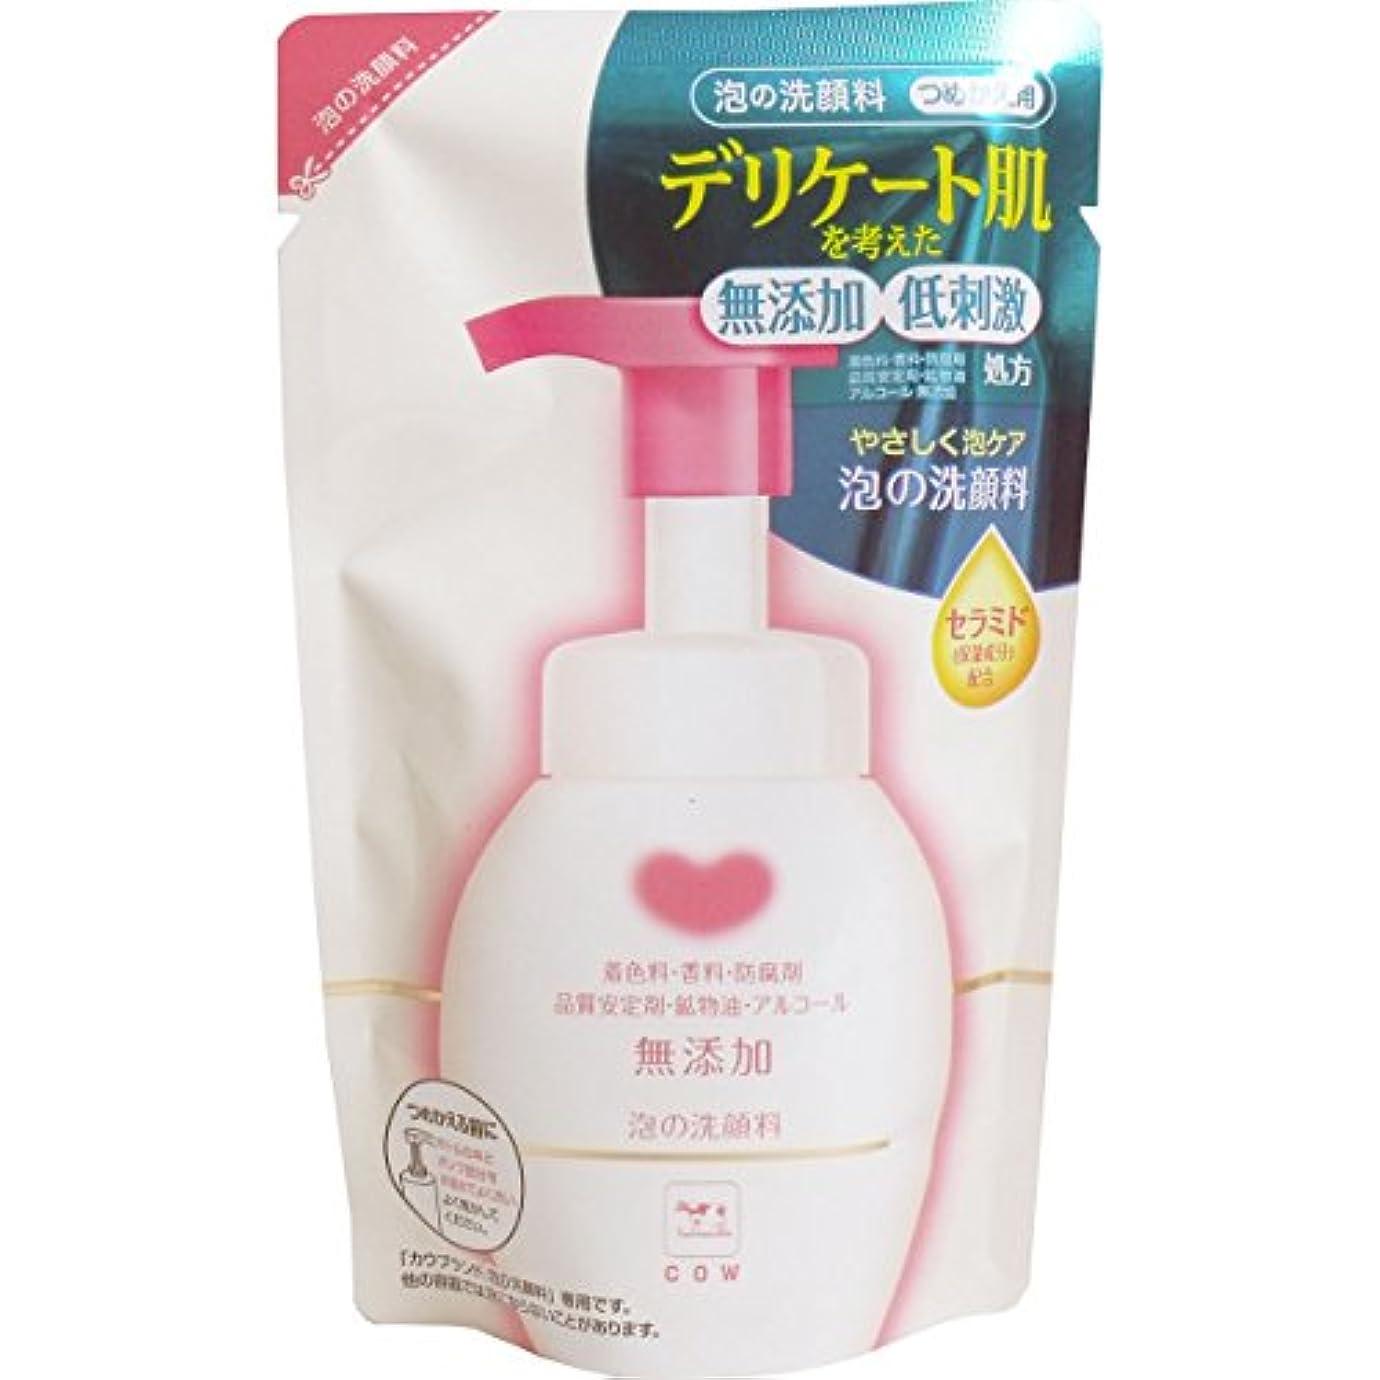 痛い鉛模倣カウブランド 無添加 泡の洗顔料 つめかえ用 180ml 8セット